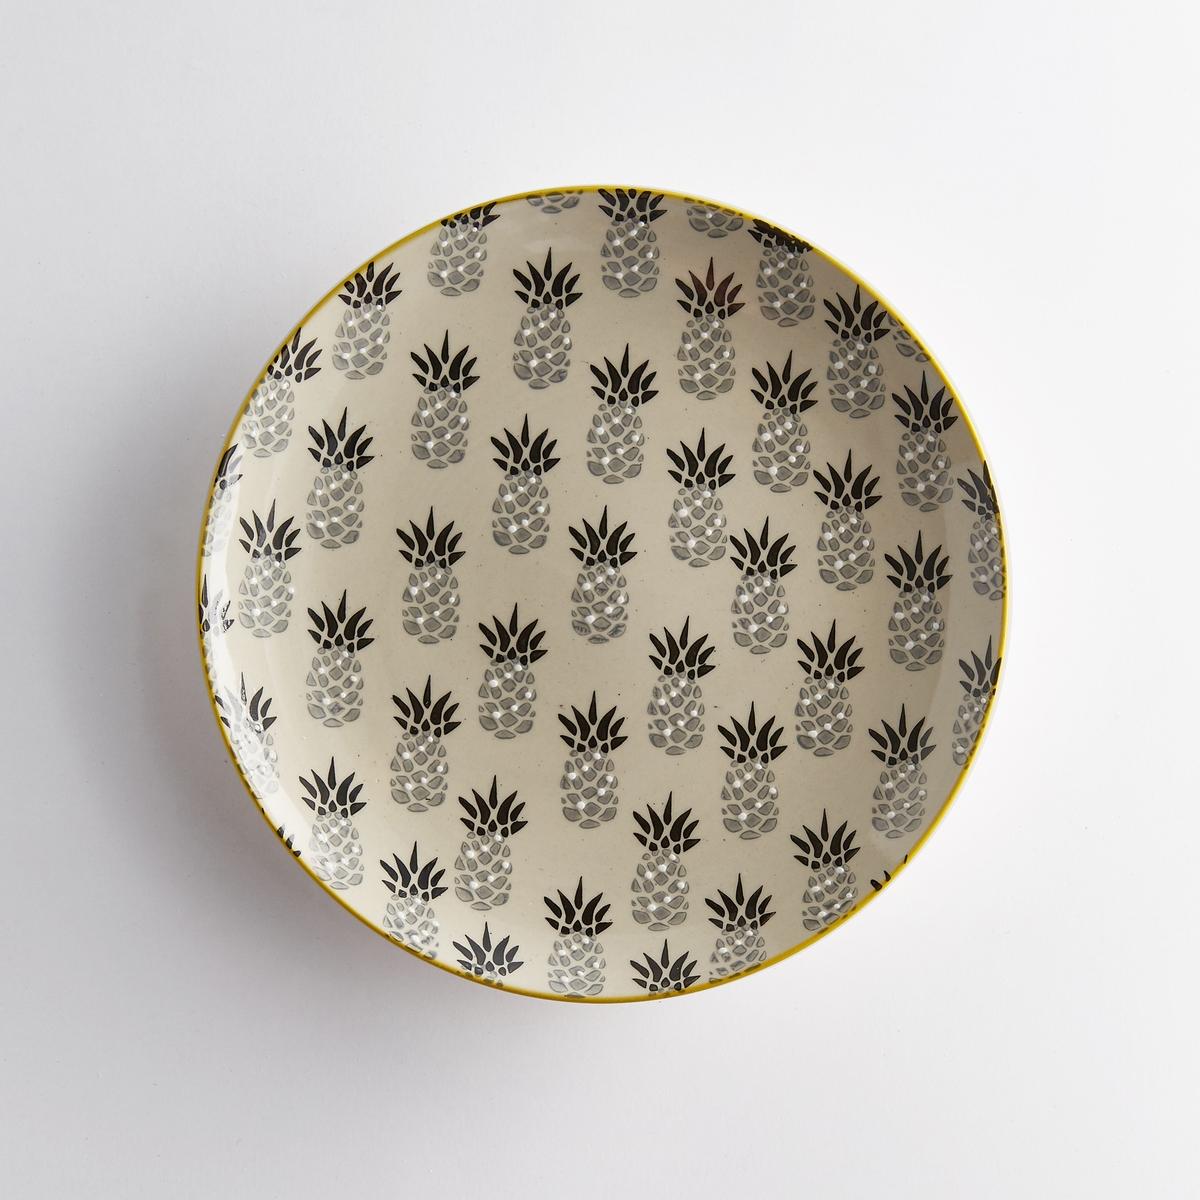 Комплект из 4 десертных тарелок из керамики, TossitaКлассический дизайн, экзотический рисунок : 4 десертные тарелки Tossita придадут вашей посуде и вашей кухне освежающие тропические нотки. Характеристики 4 десертных тарелок из керамики с рисунком ананас Tossita :Из керамики.Комплект из 4 десертных тарелок: 2 тарелки с рисунком ананас черного и серого цветов + 2 тарелки с рисунком зеленого и желтого цветов.Характеристики 4 десертных тарелок из керамики с рисунком ананас Tossita :диаметр 20,5 см.Другие комплекты и наши коллекции предметов декора стола вы можете найти на сайте laredoute.ru<br><br>Цвет: набивной рисунок